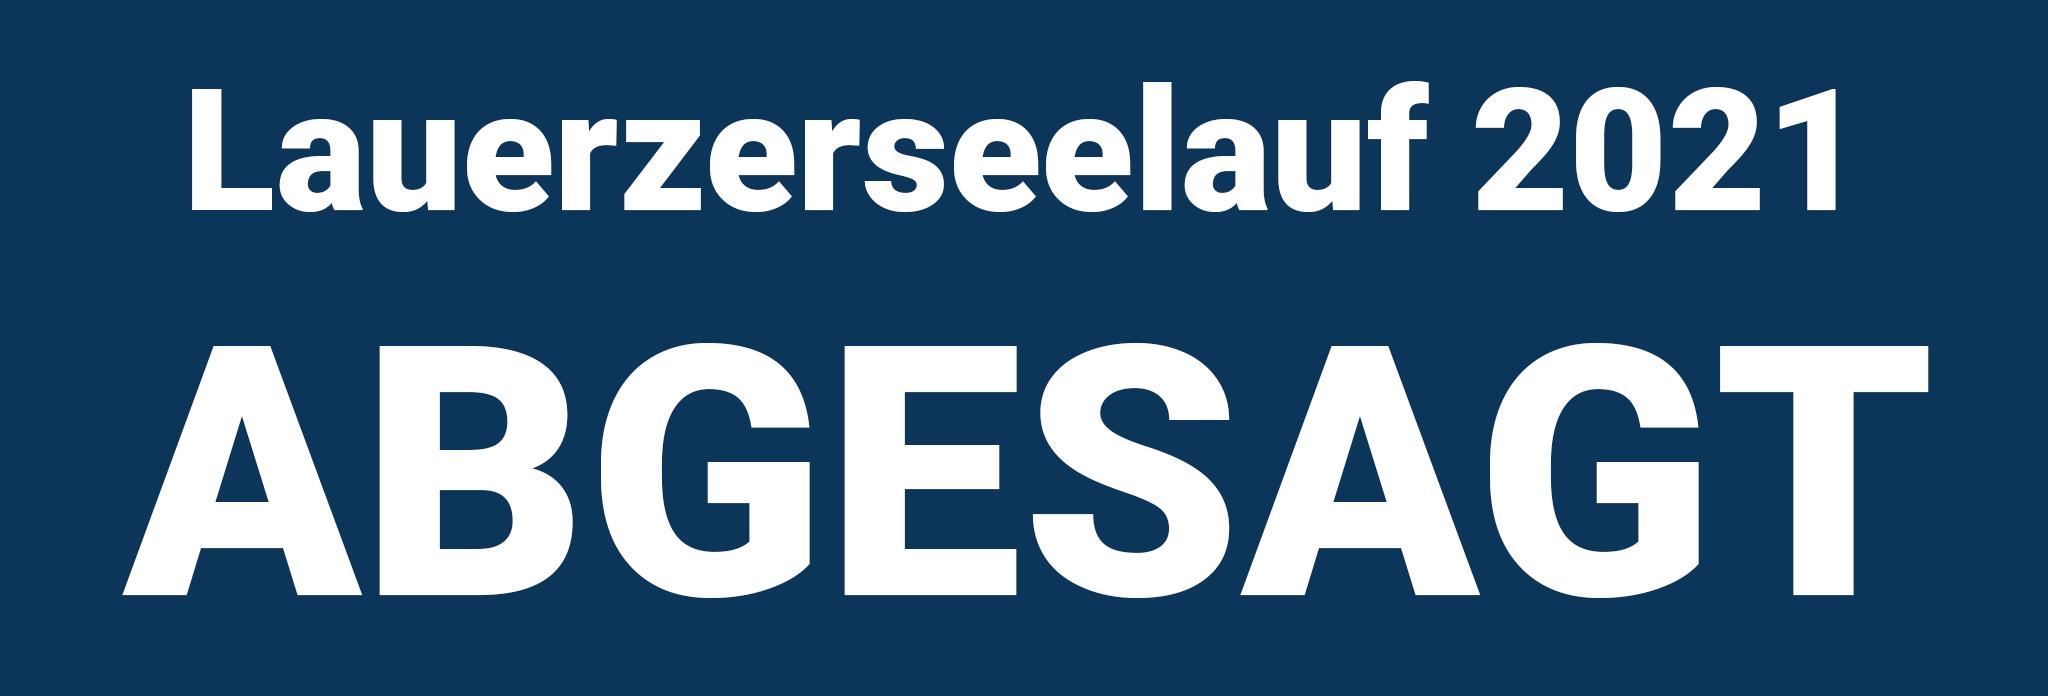 Lauerzerseelauf2020 abgesagt